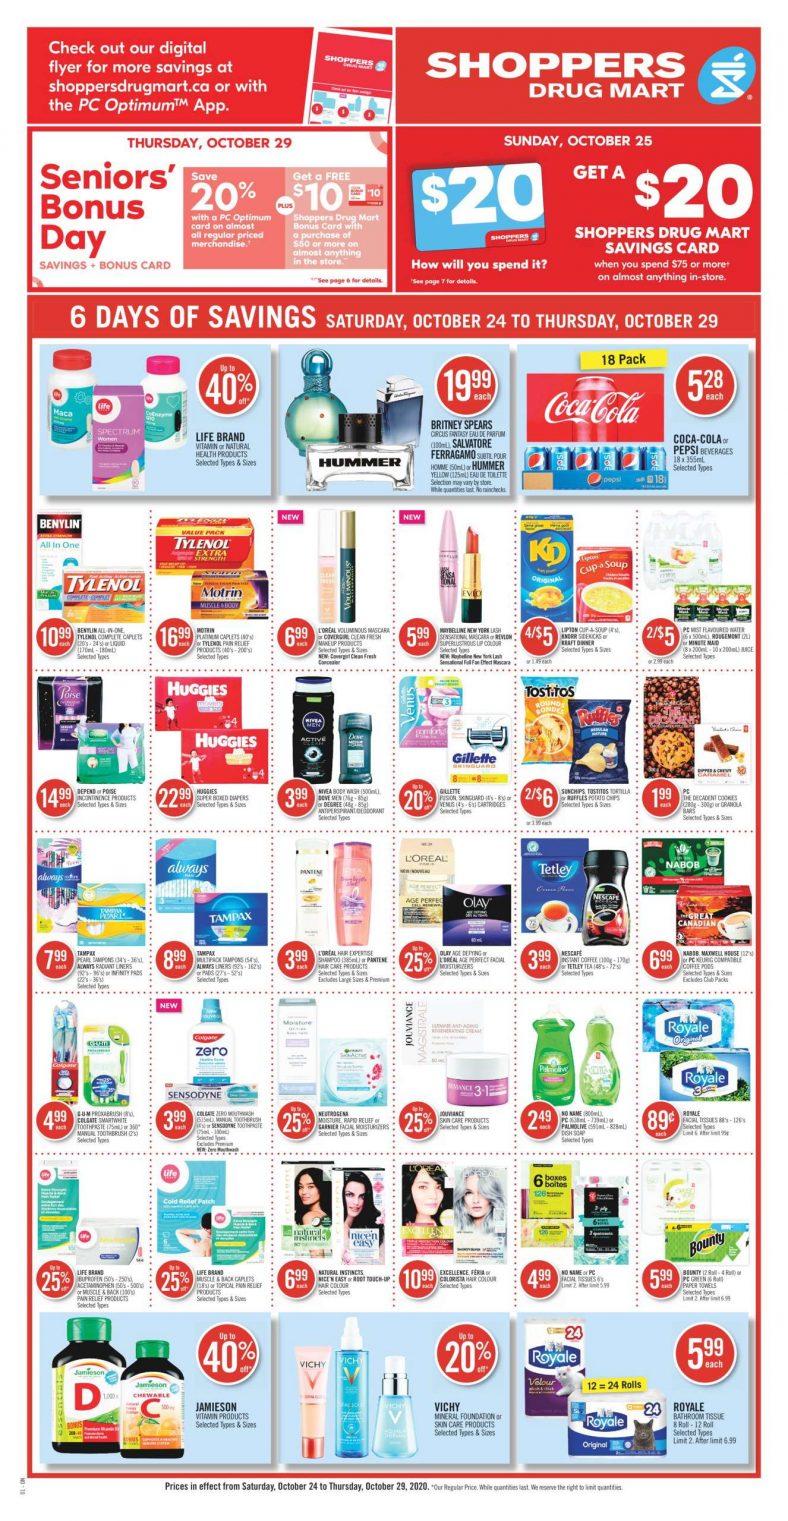 01 Shoppers Drug Mart Flyer October 24 October 29 2020